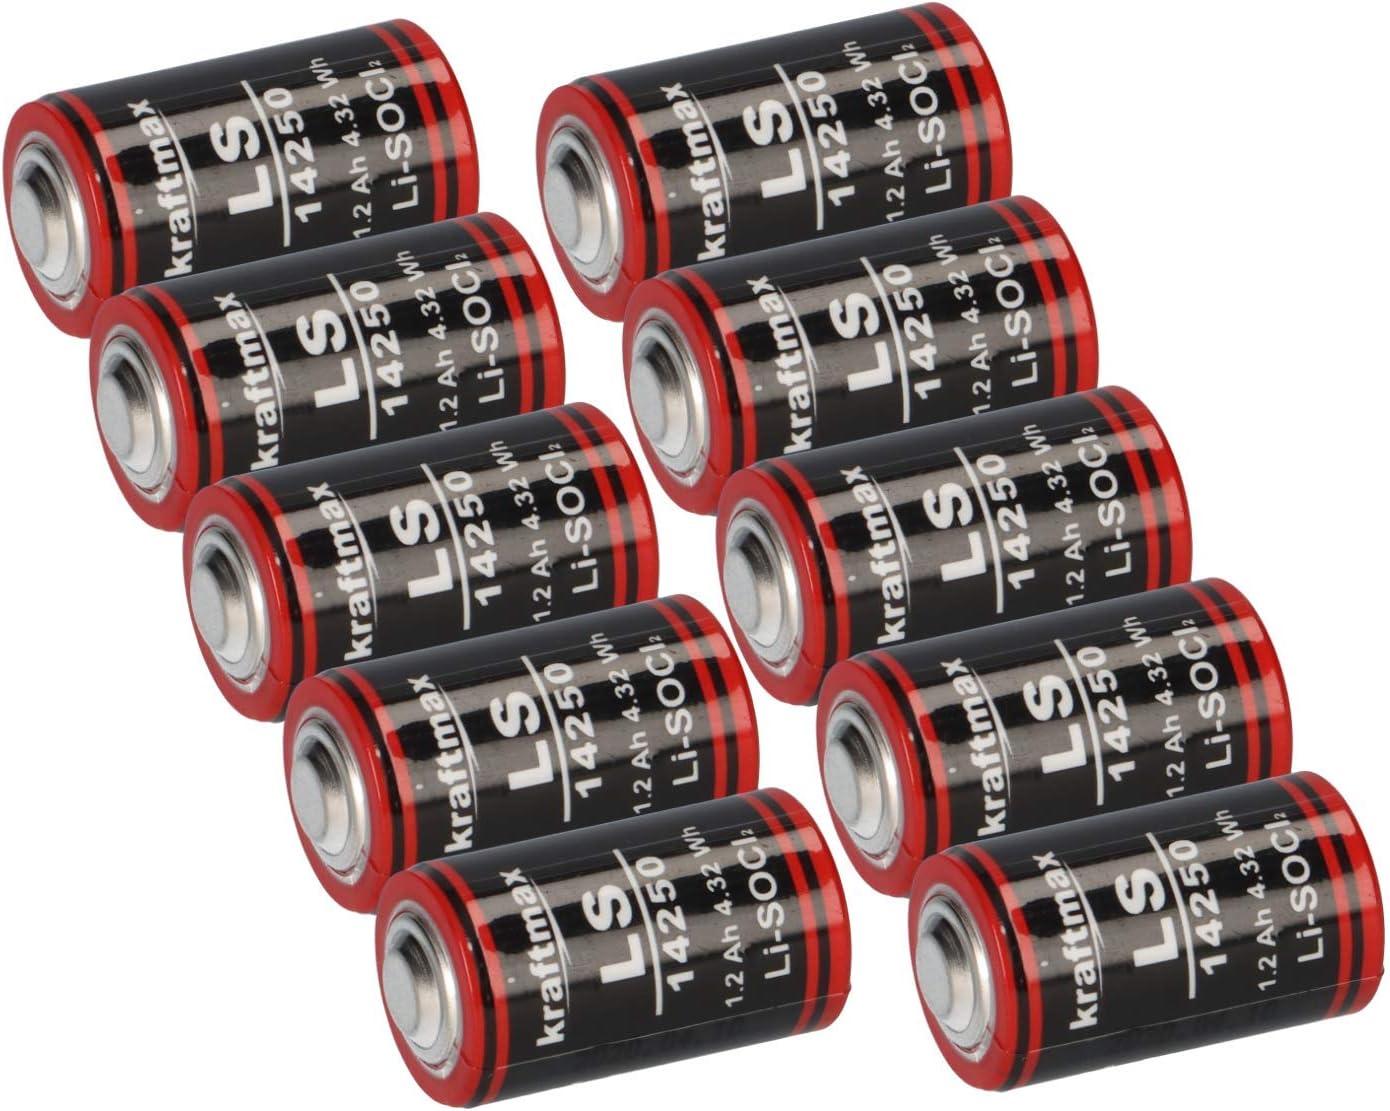 Lithium 3 6 V Battery Ls 14250 1 2 Aa Er14250 Li Socl2 Ls14250 Akkuman De Set